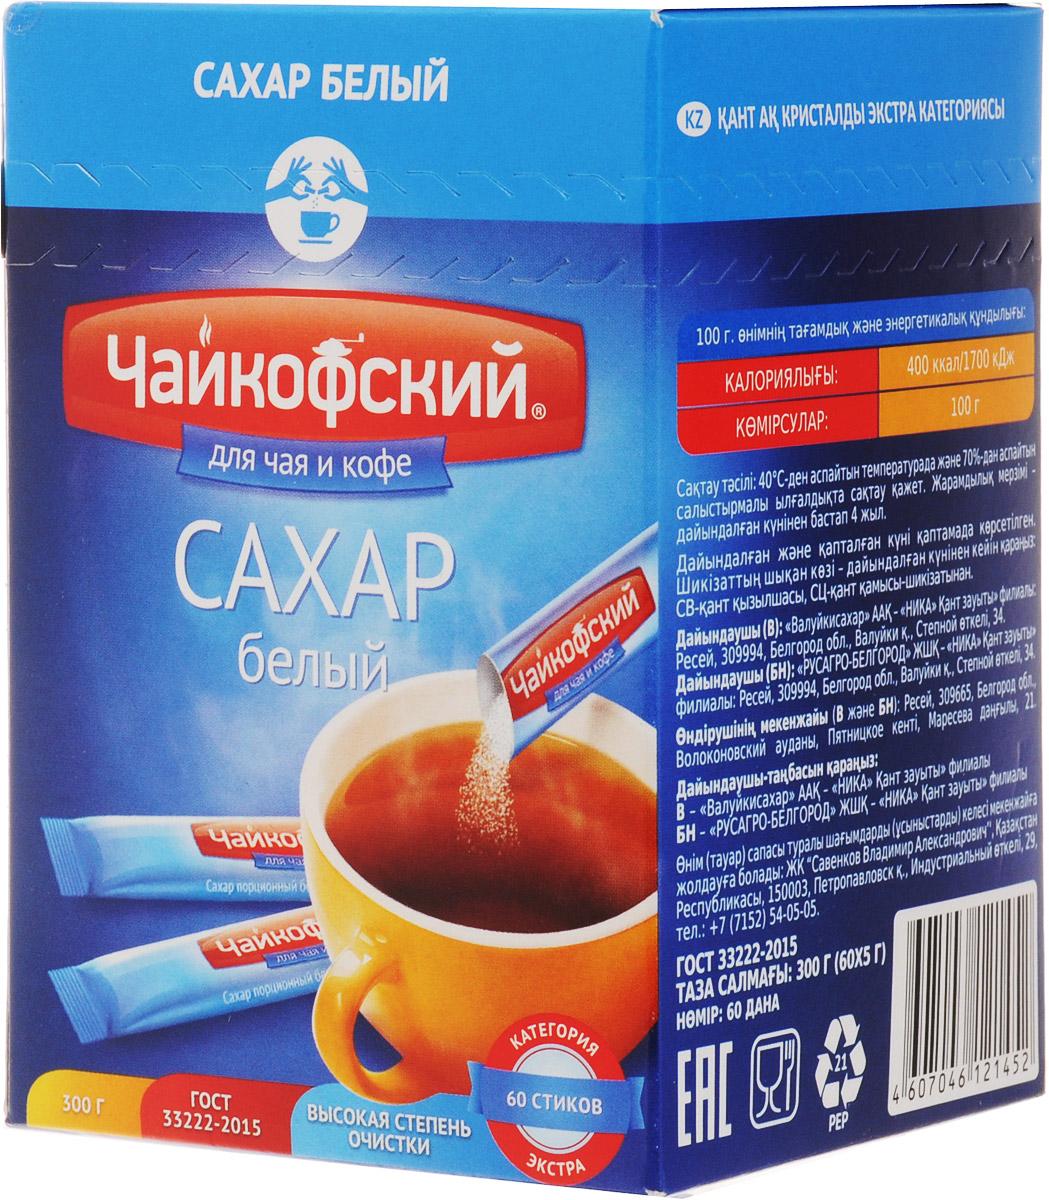 Чайкофский сахарный песок порционный, 60 шт0120710Ваш любимый сахарный песок Чайкофский теперь в новой удобной упаковке - индивидуальных порционных пакетиках-стиках.Уважаемые клиенты! Обращаем ваше внимание на то, что упаковка может иметь несколько видов дизайна. Поставка осуществляется в зависимости от наличия на складе.